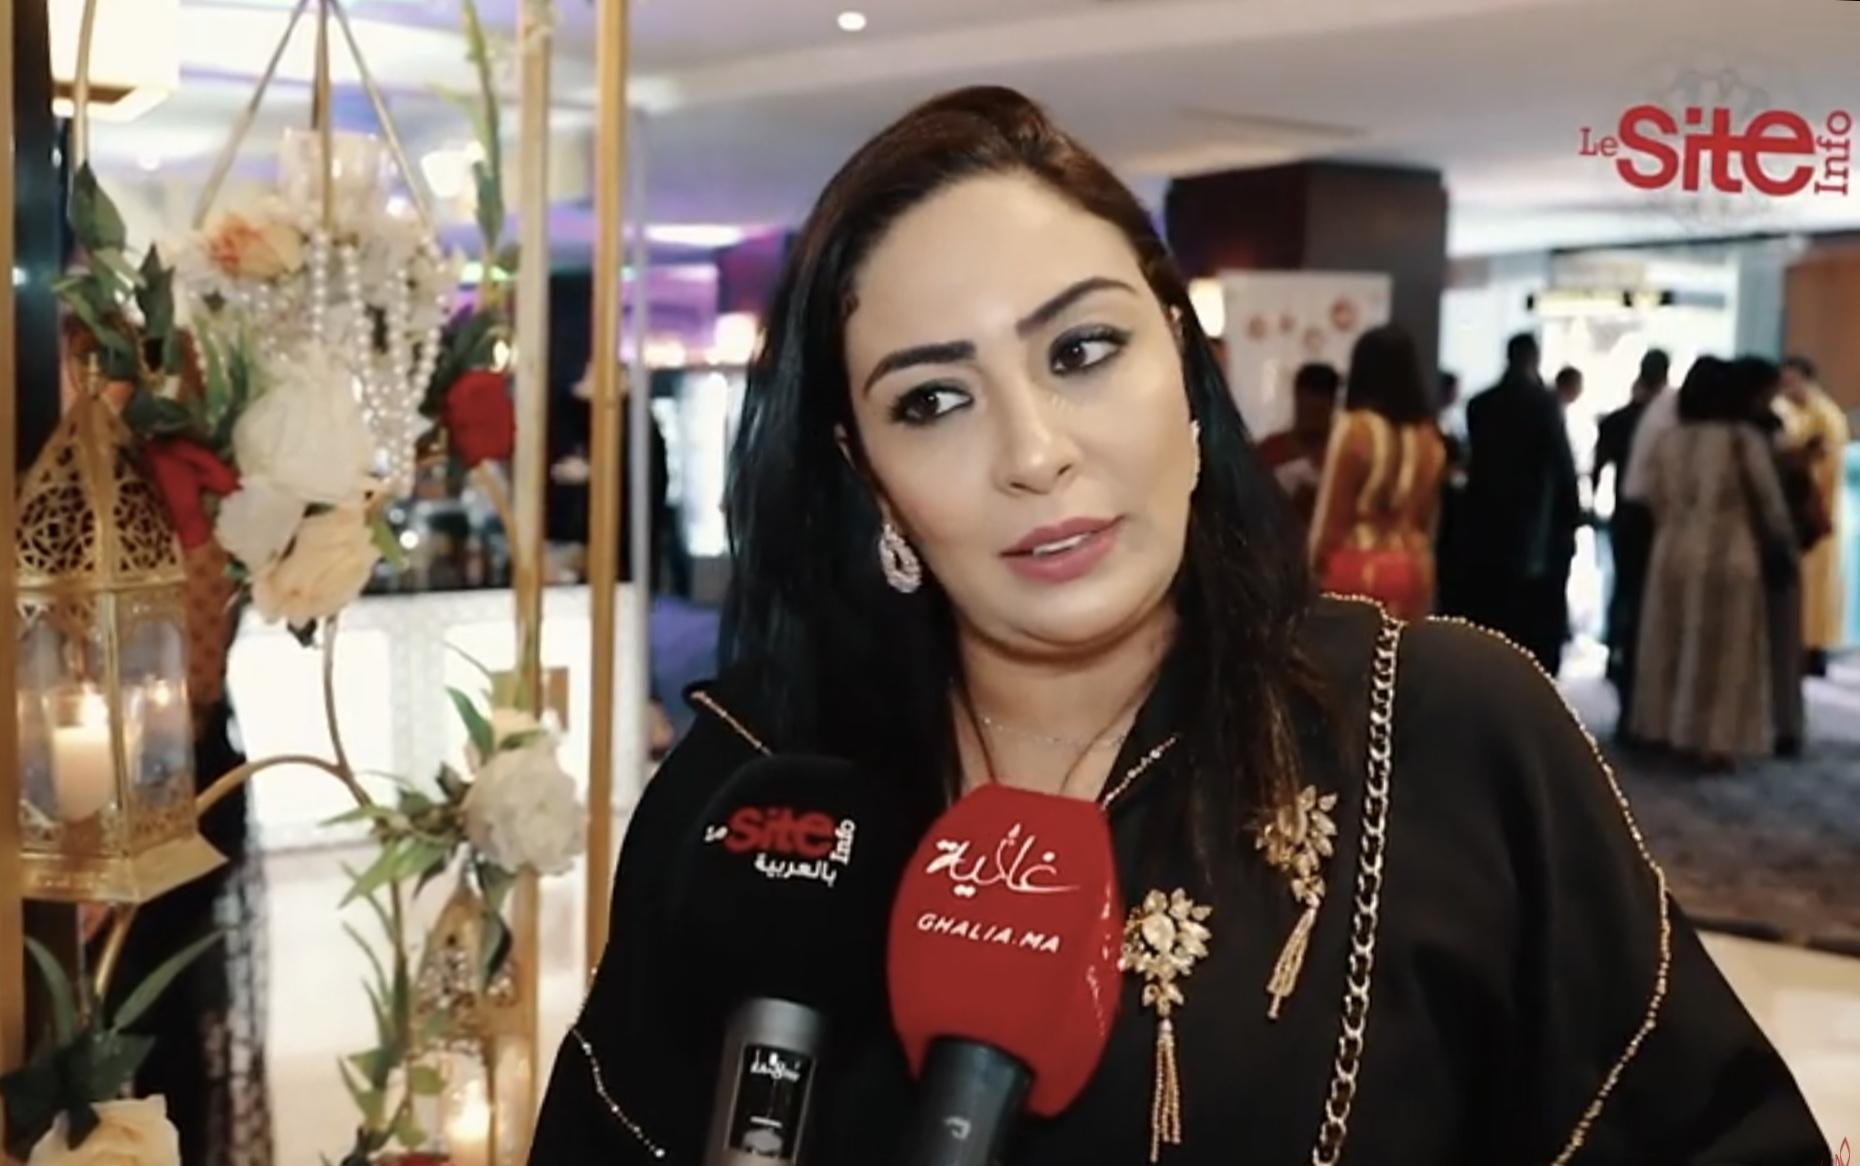 Photo of قفة رمضان- الممثلة حنان الإبراهيمي: كيعجبني نعرض على الناس فداري..وهذي هي طقوس رمضان فأمريكا- فيديو